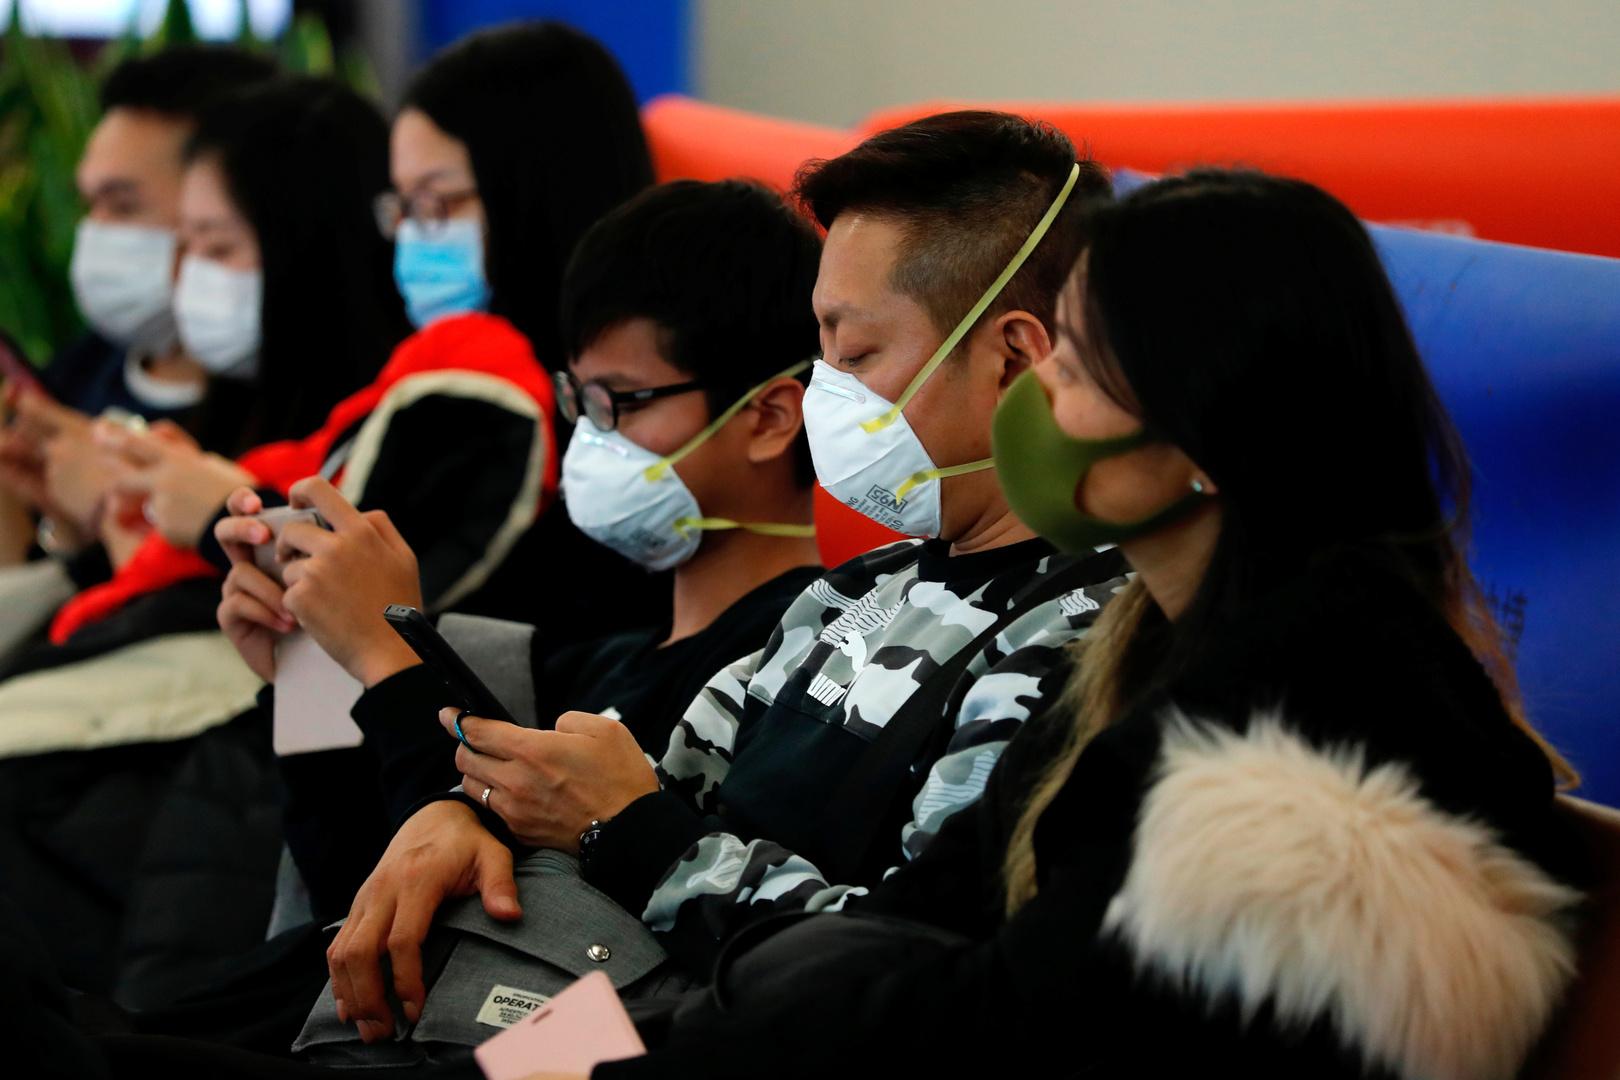 بعد انتشار كورونا.. طالب مغربي من الصين يكشف